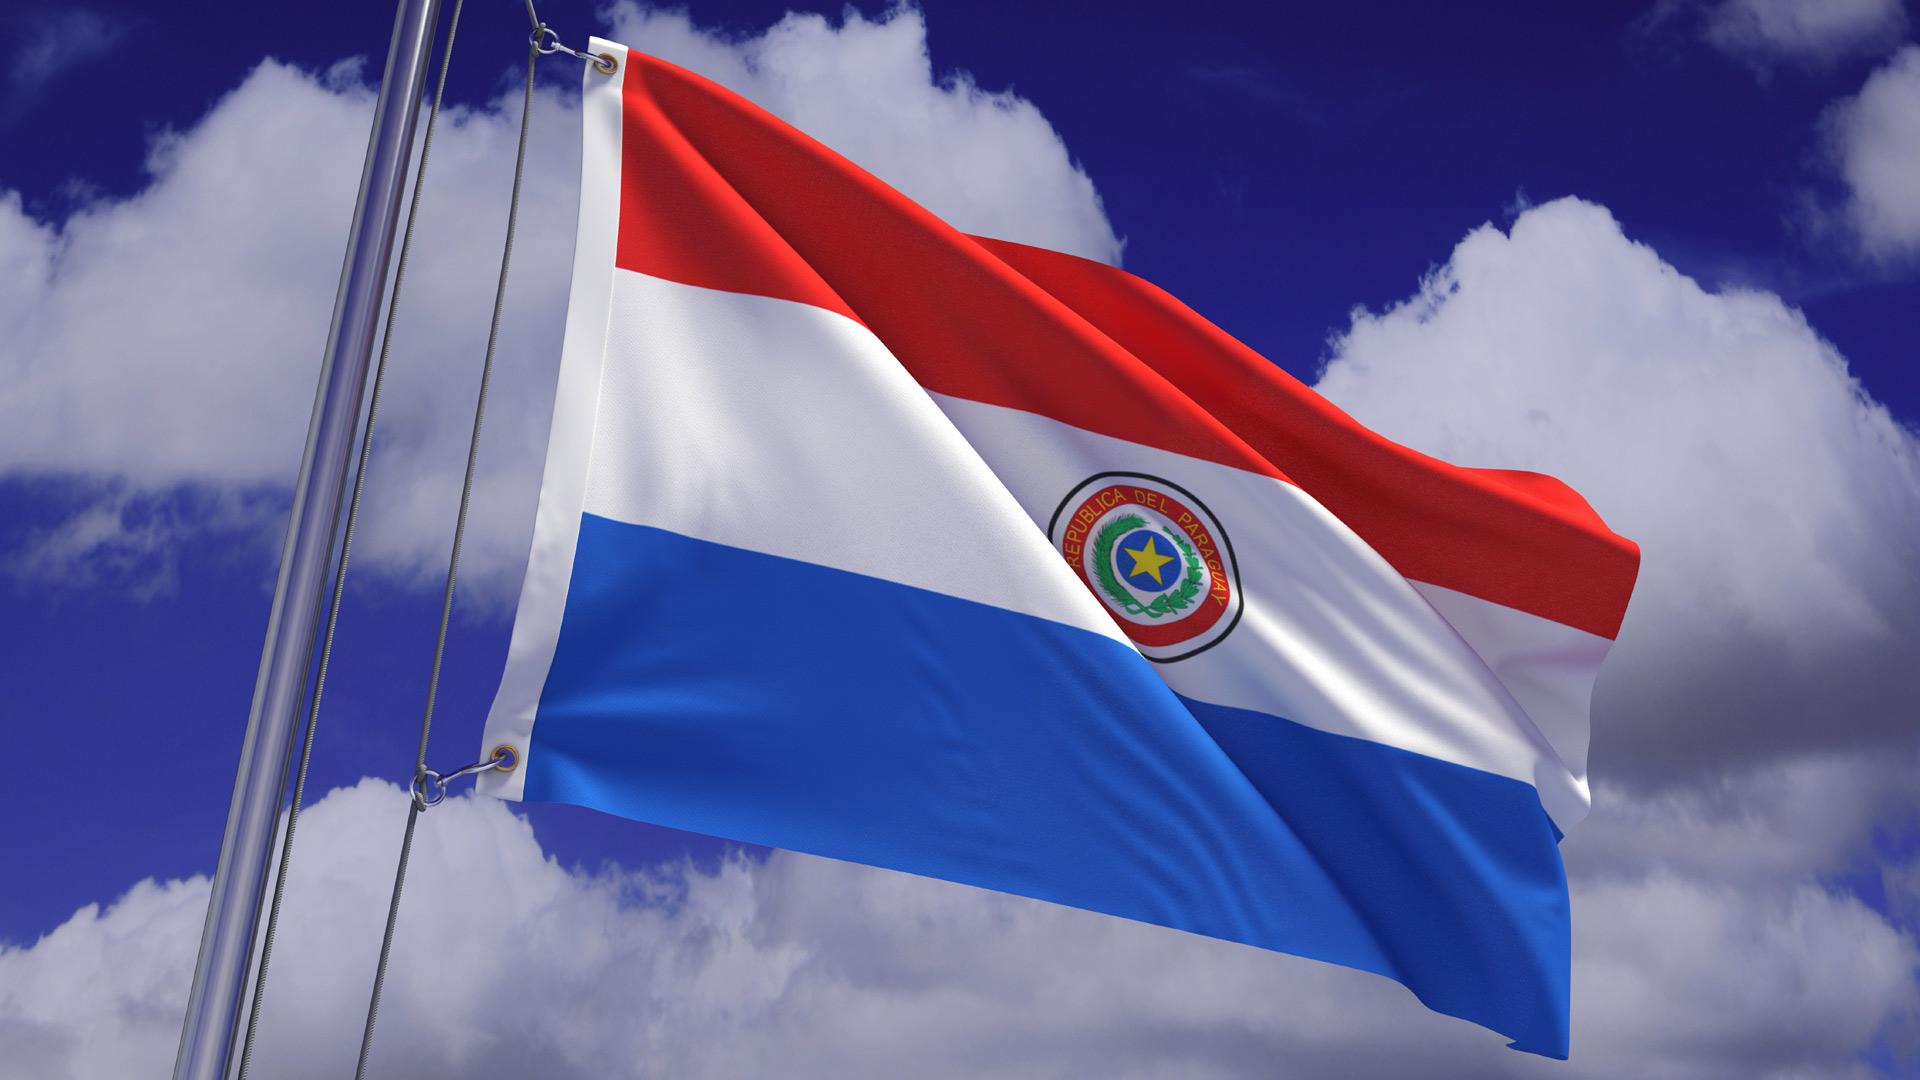 Aparentemente la Policía Especial de Frontera ingresó a aguas territoriales y se apoderó de embarcaciones paraguayas